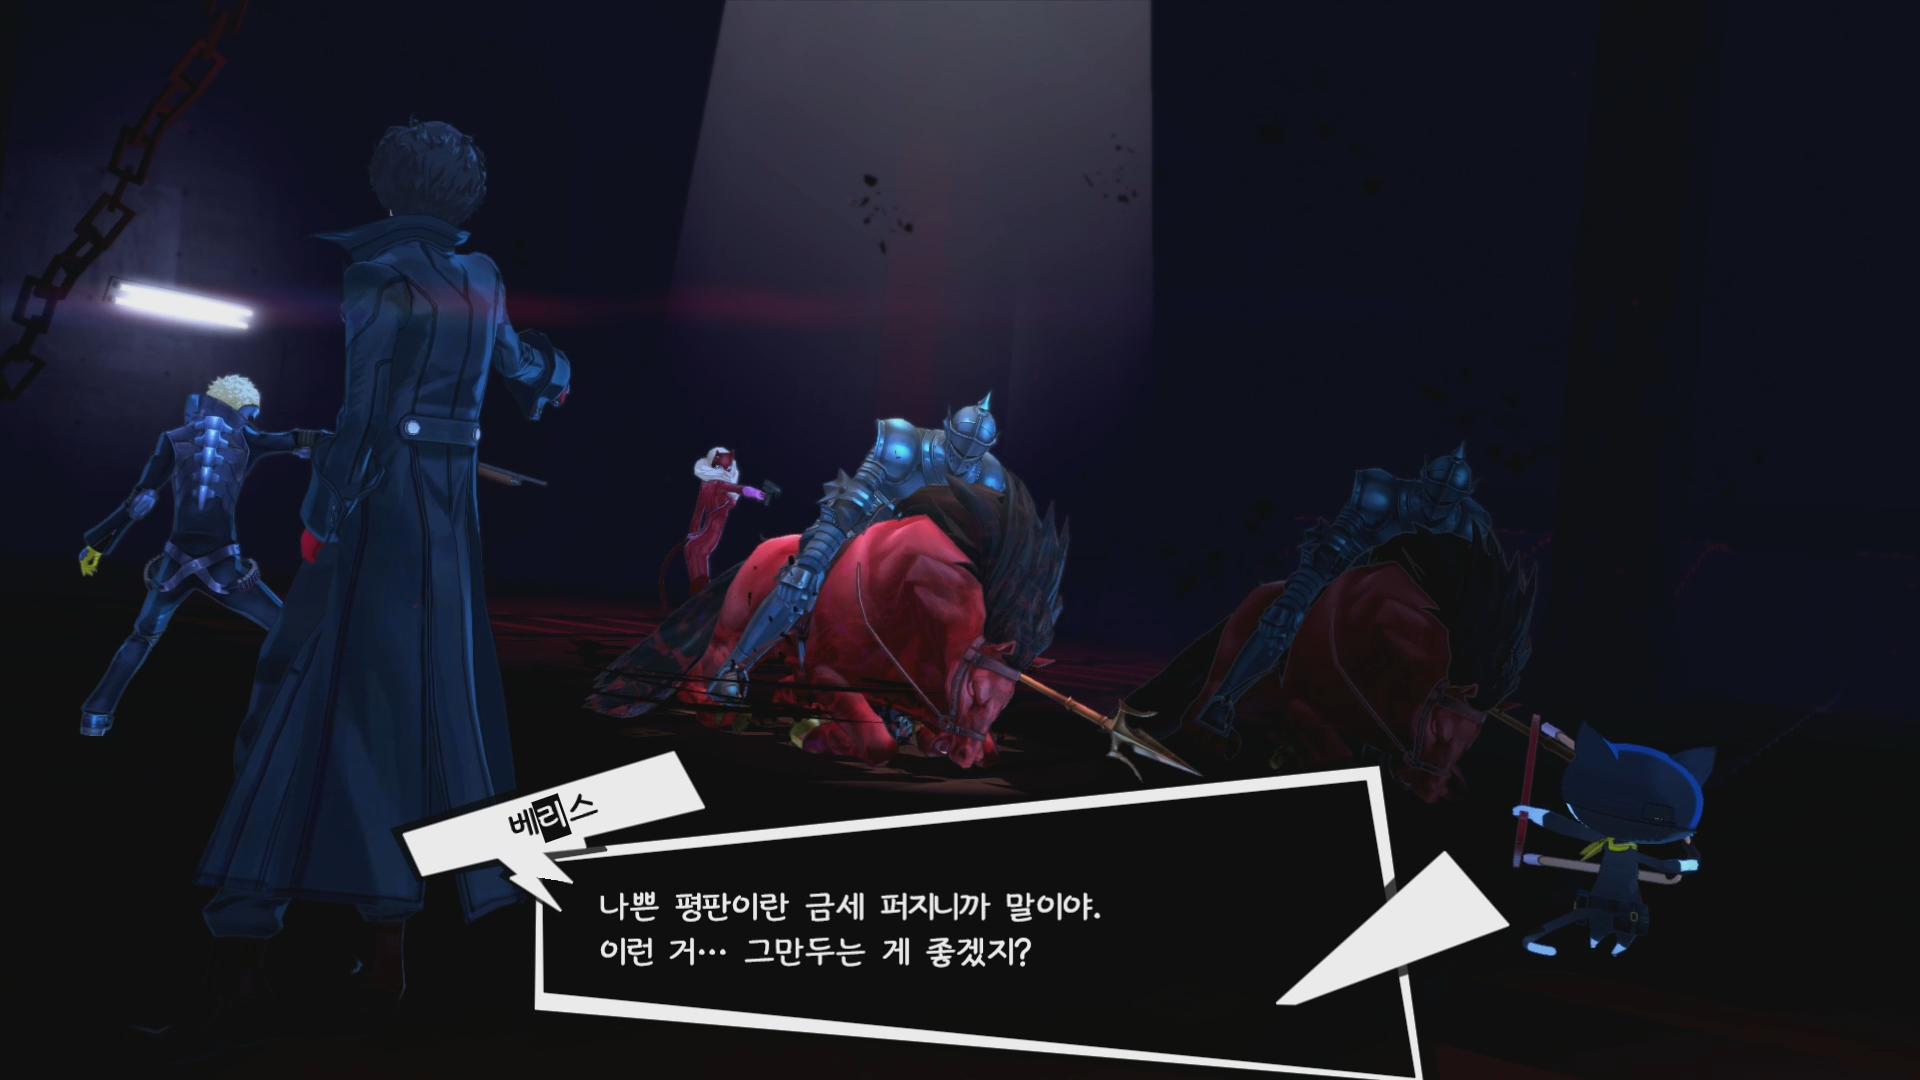 페르소나5 플레이 후기(PERSONA5 Play Review)